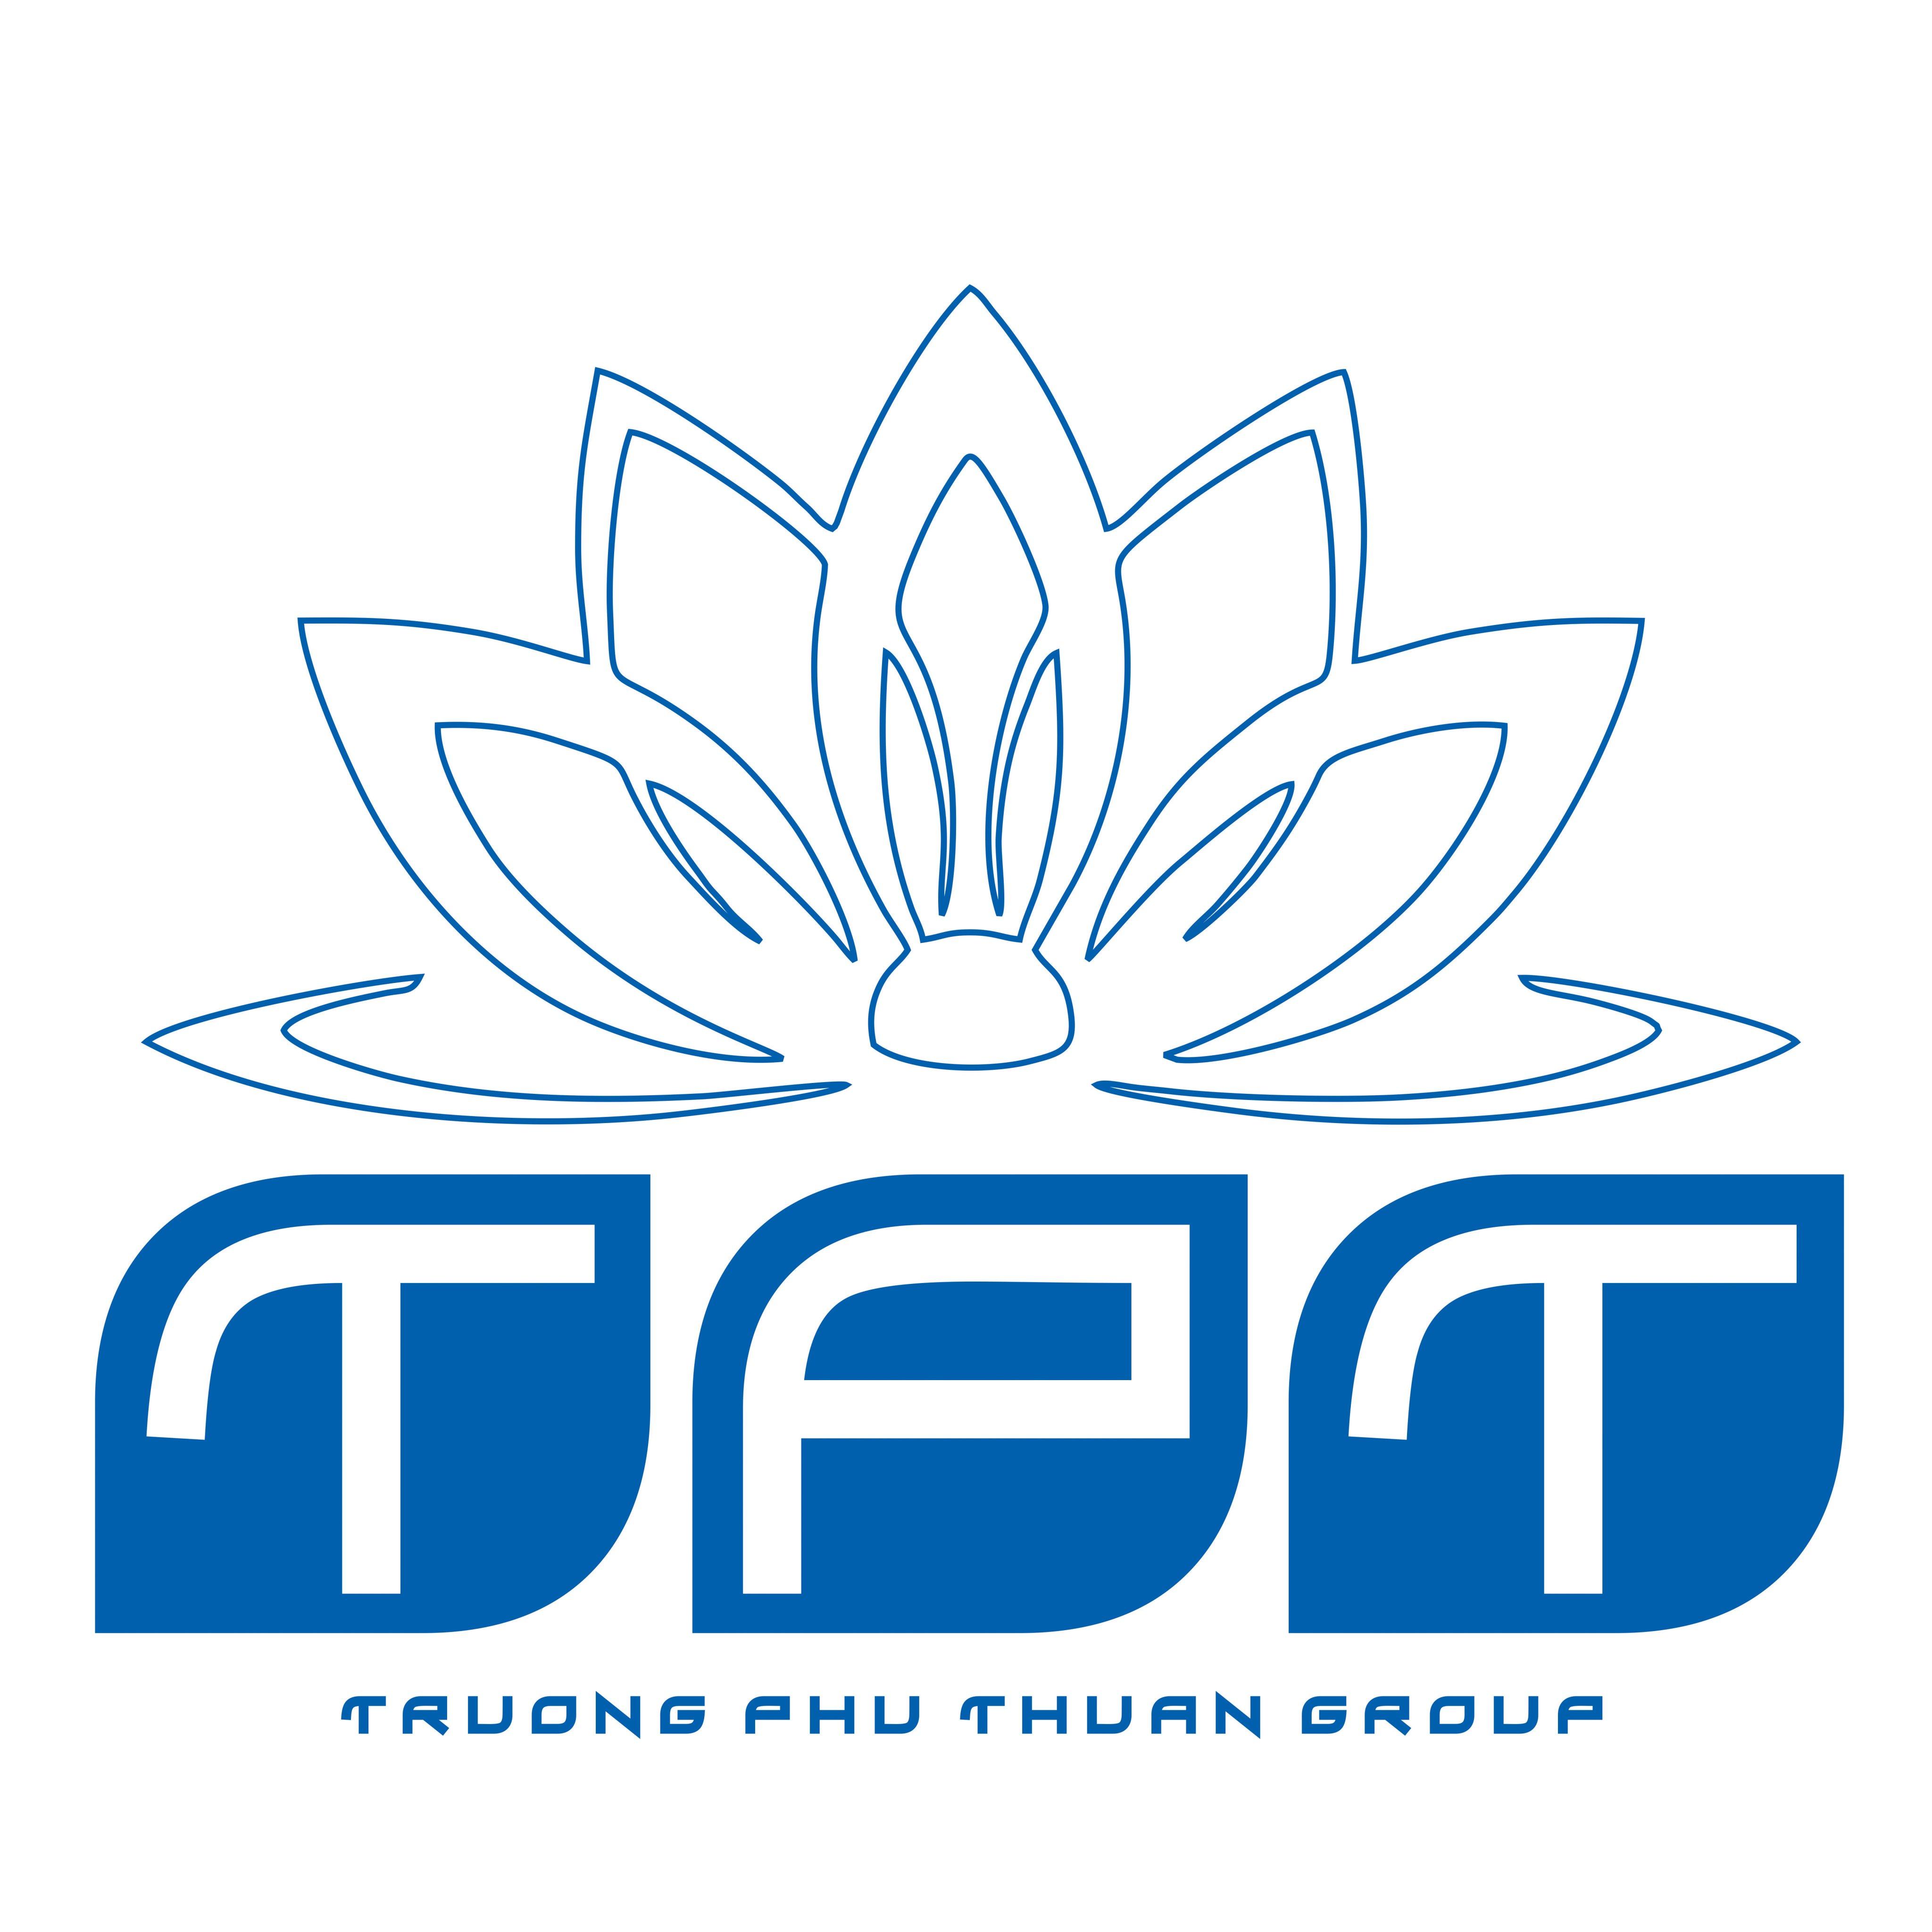 Công ty TNHH Đầu tư xây dựng thiết bị Trường Phú Thuận